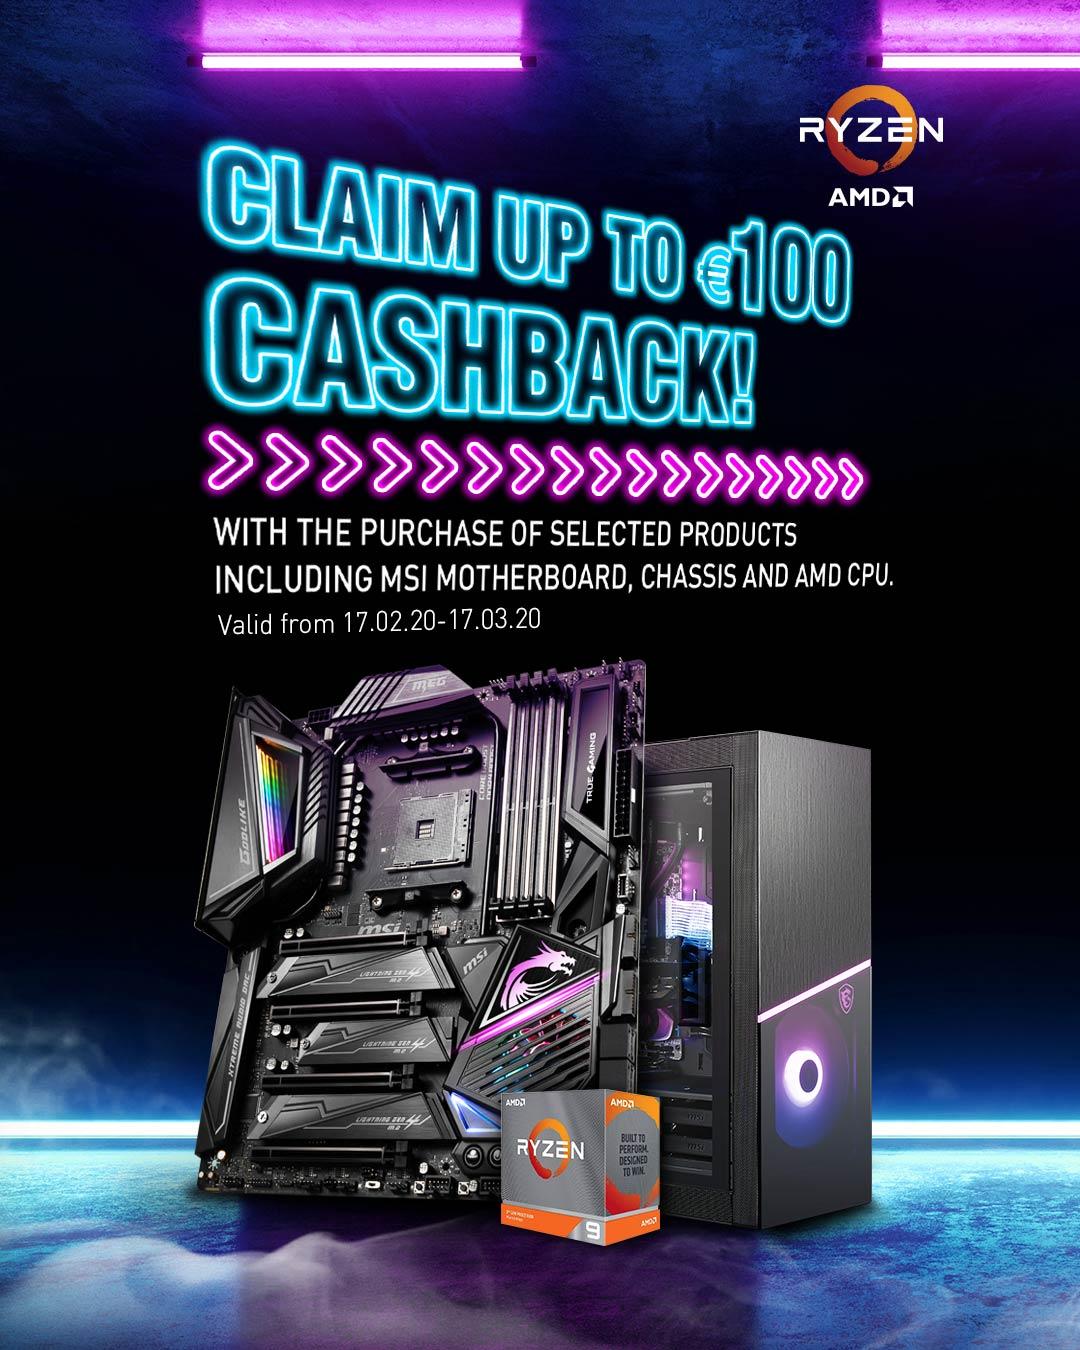 Claim up to €100 cashback